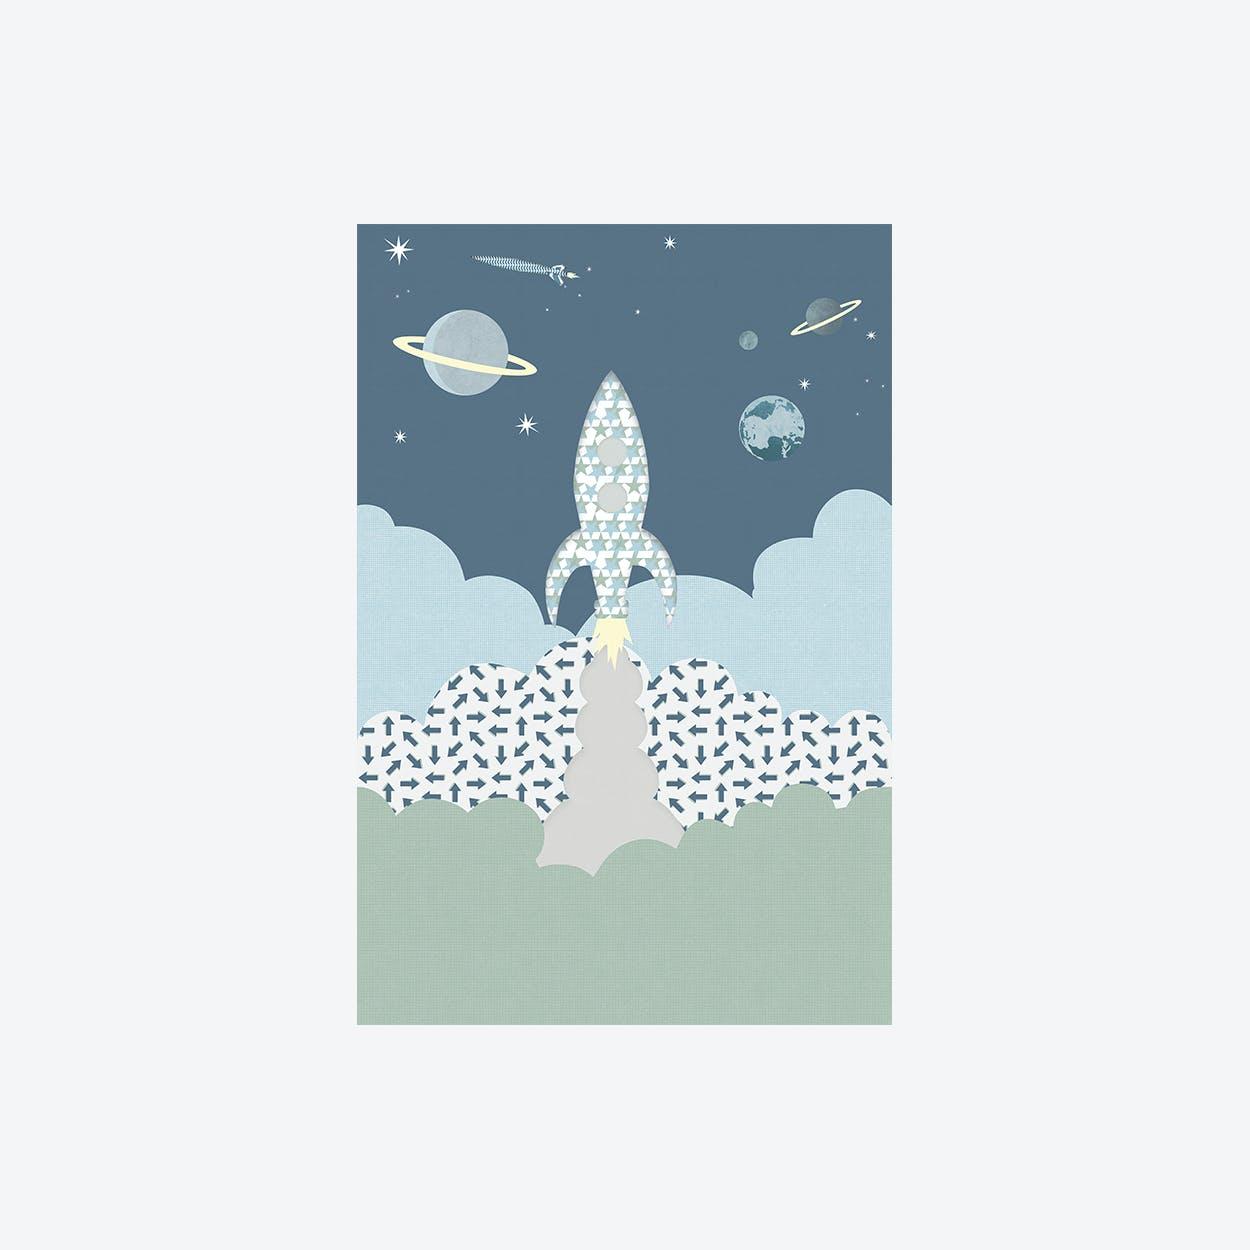 Raket Grijsblauw Wallpaper